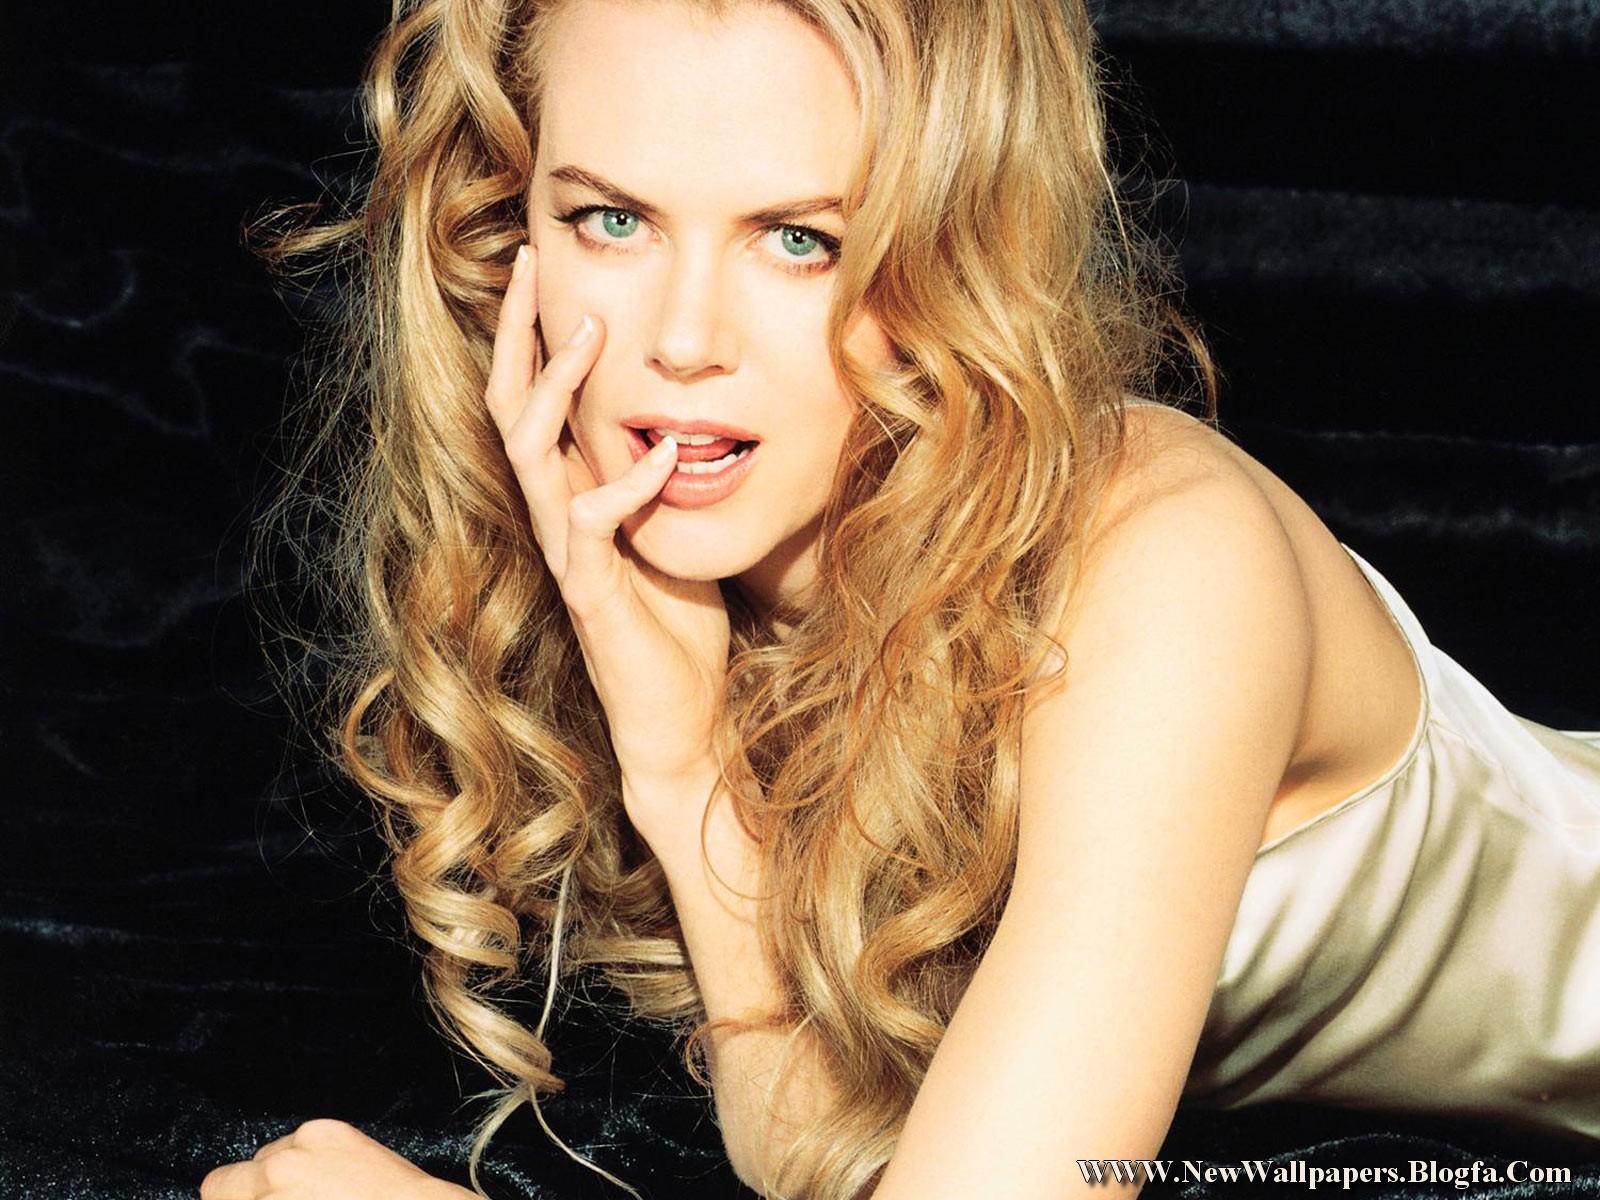 http://1.bp.blogspot.com/-McsZTU6f0Ng/Tka0y5KAkYI/AAAAAAAABRc/CThHbwKmST8/s1600/Nicole+Kidman.jpg